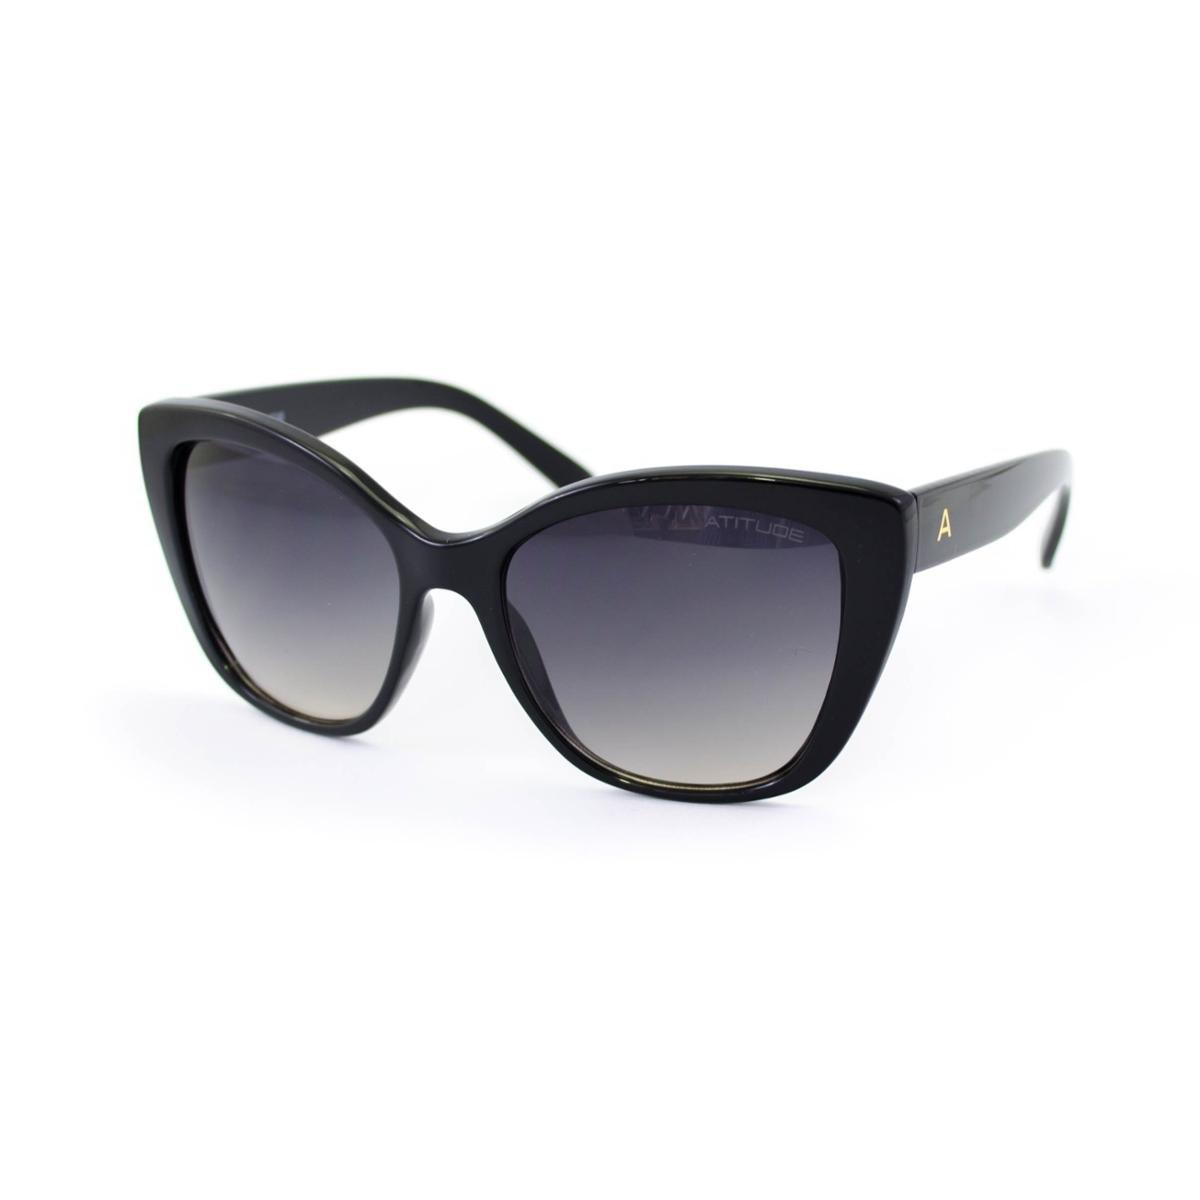 Óculos de Sol Atitude Preto AT5391 - A01/55